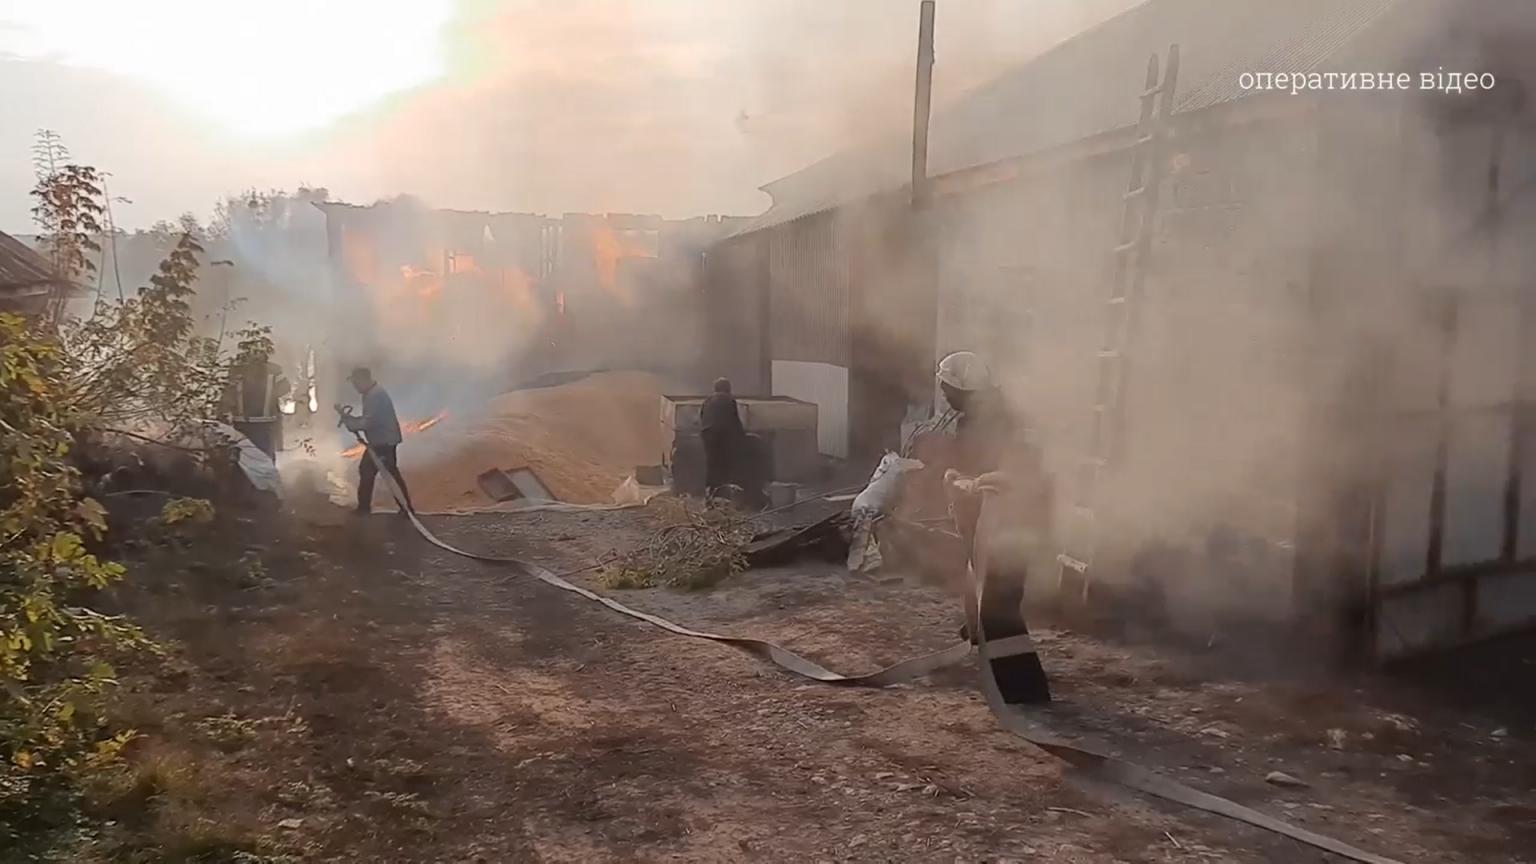 На Черкащині загорілася будівля зі свійськими тваринами